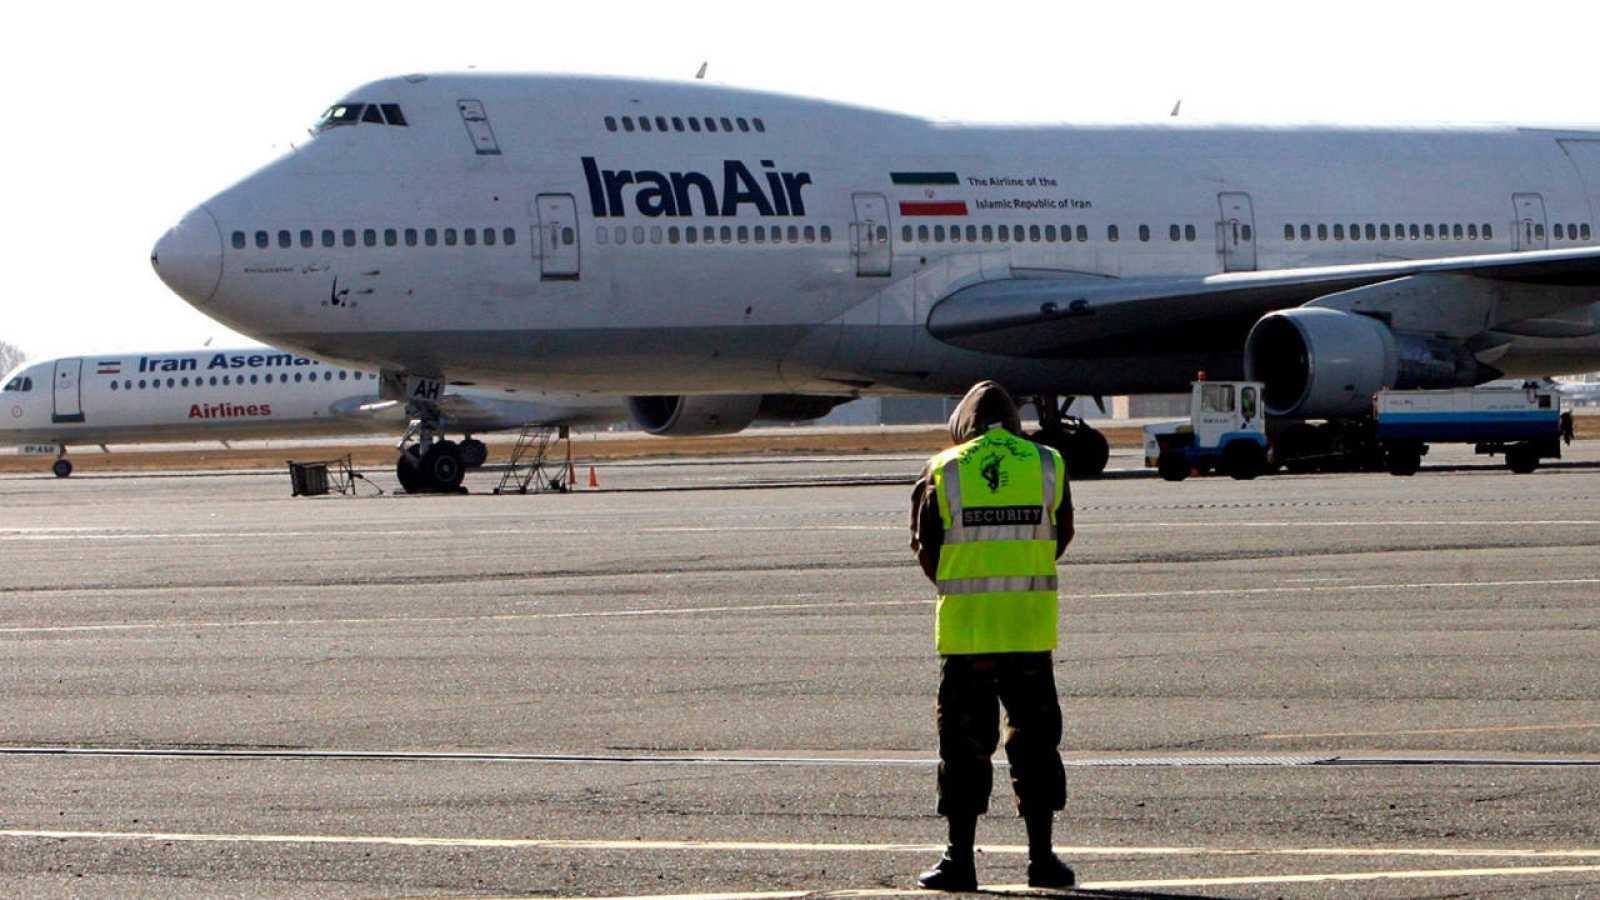 La CE permitirá a Iran Air reanudar las operaciones de la mayoría de ...